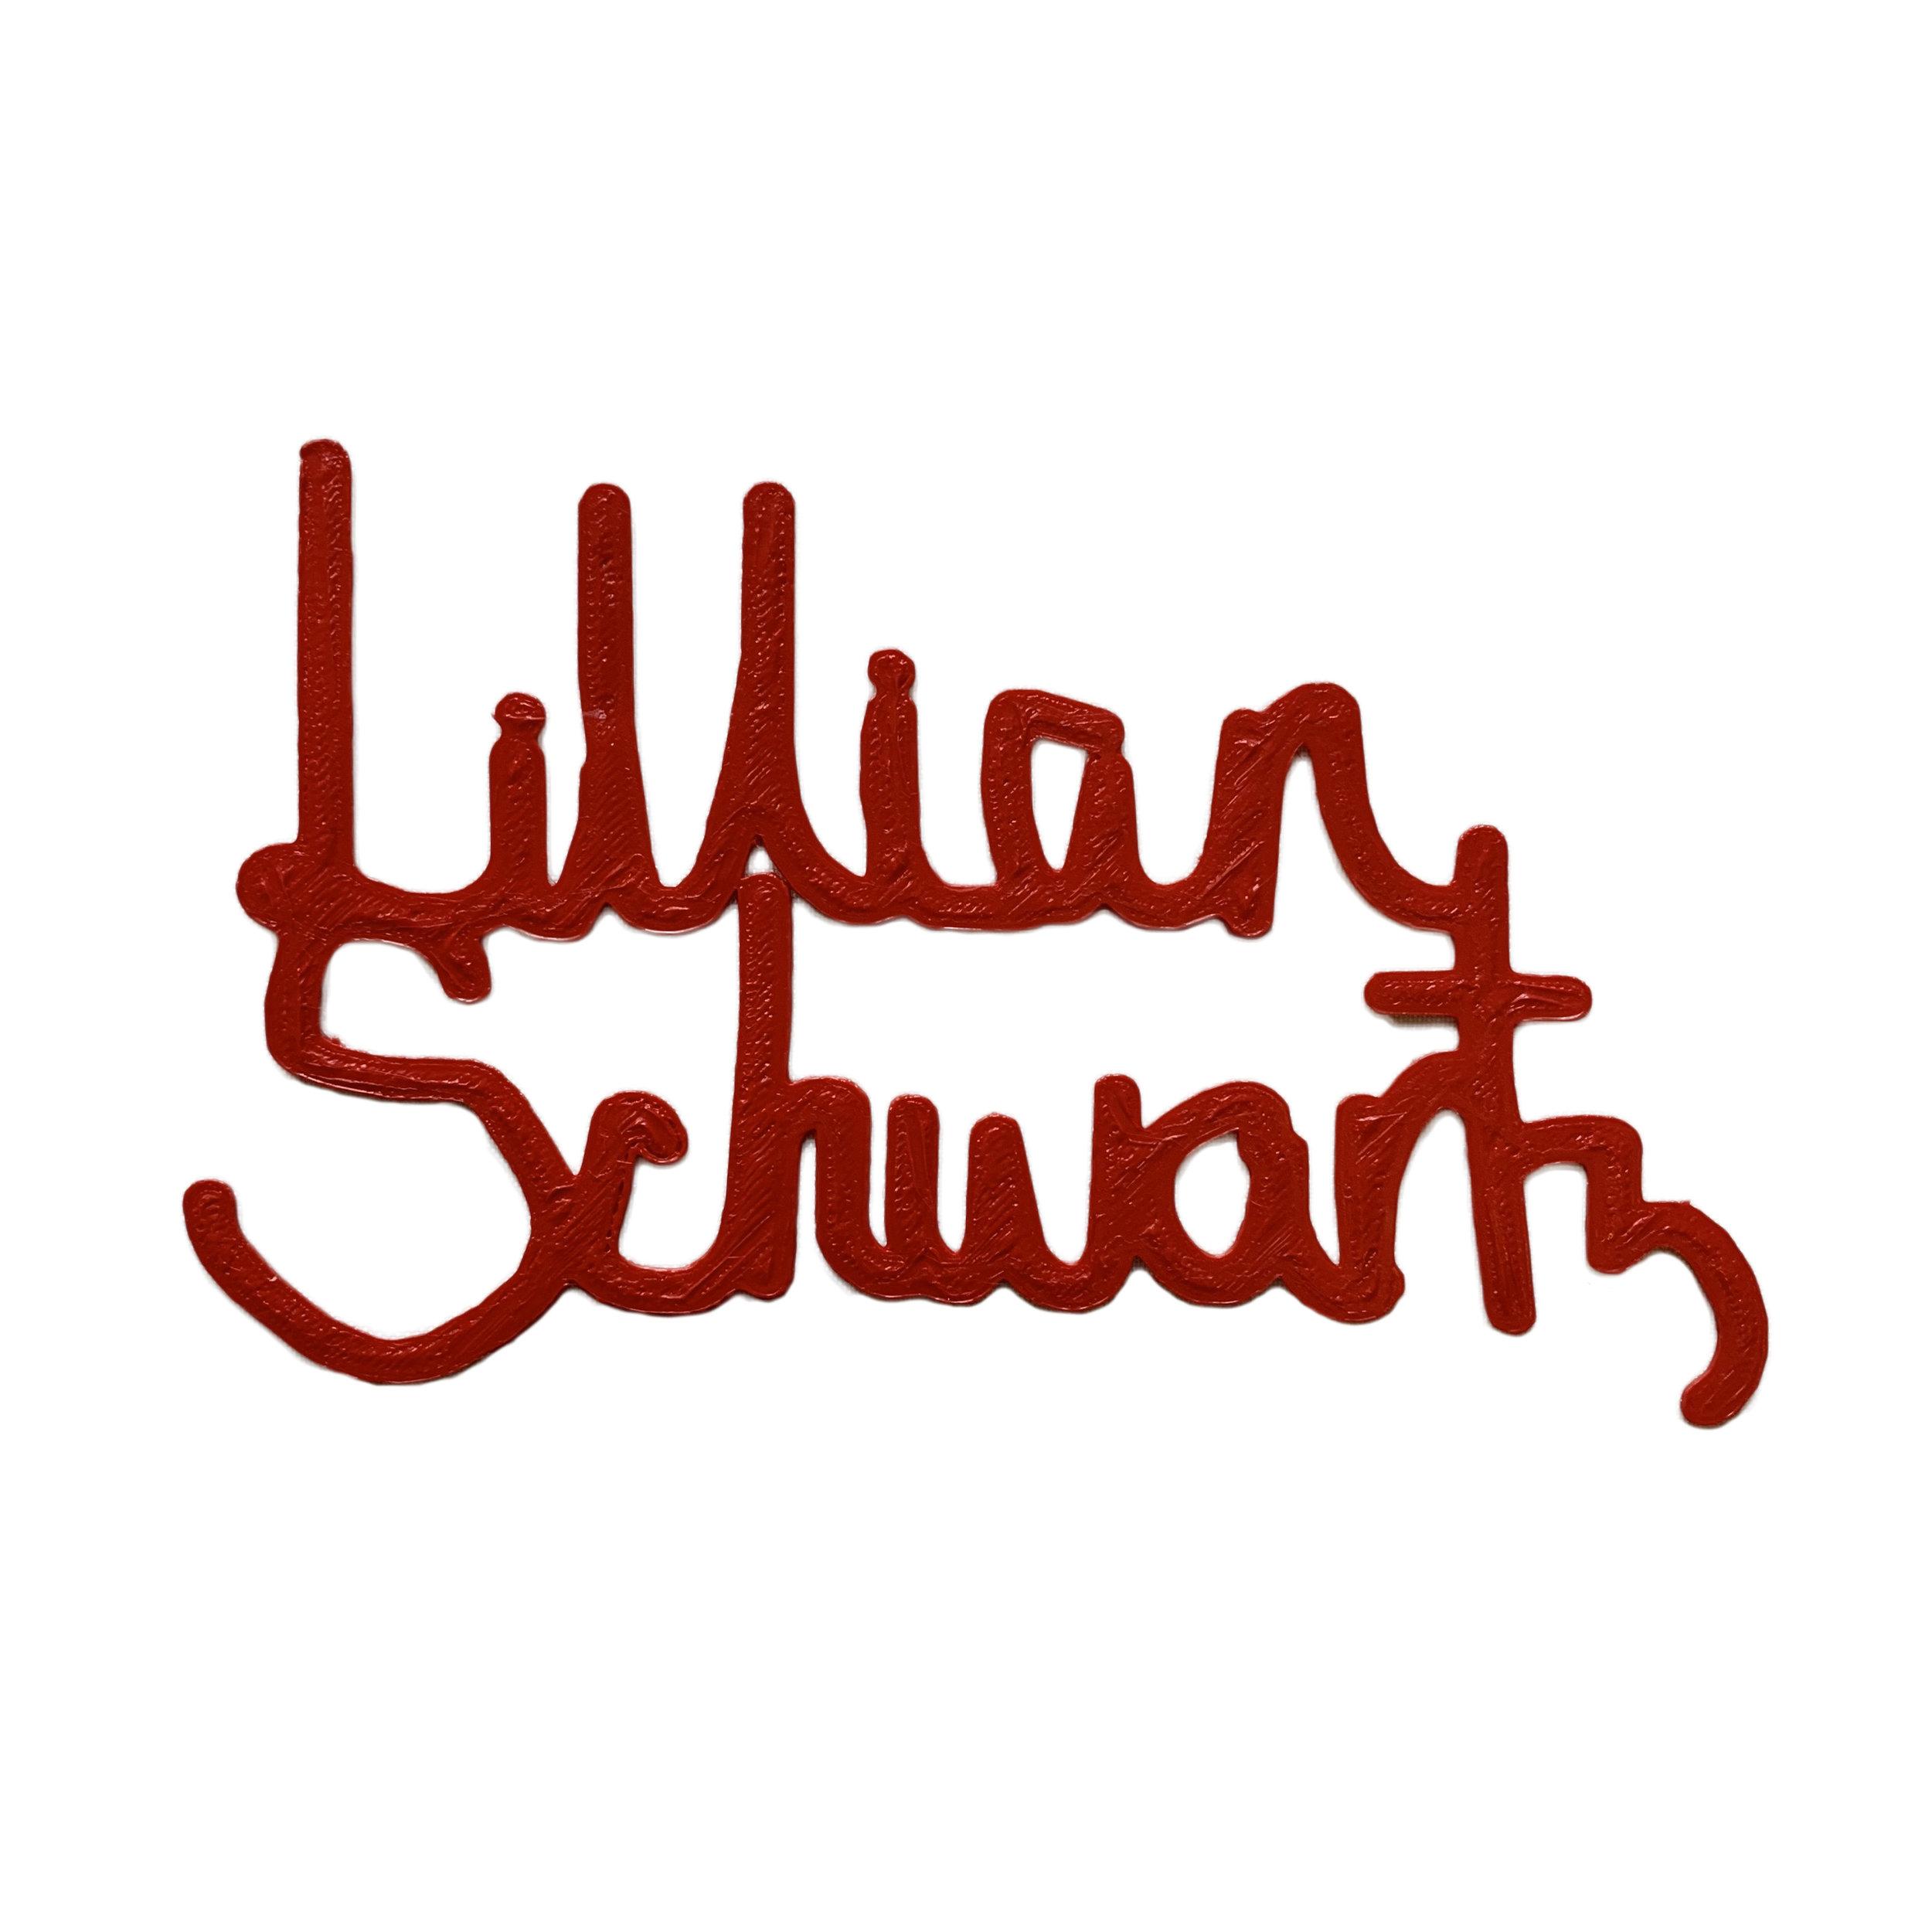 lilianSchwartzNoBackground.jpg